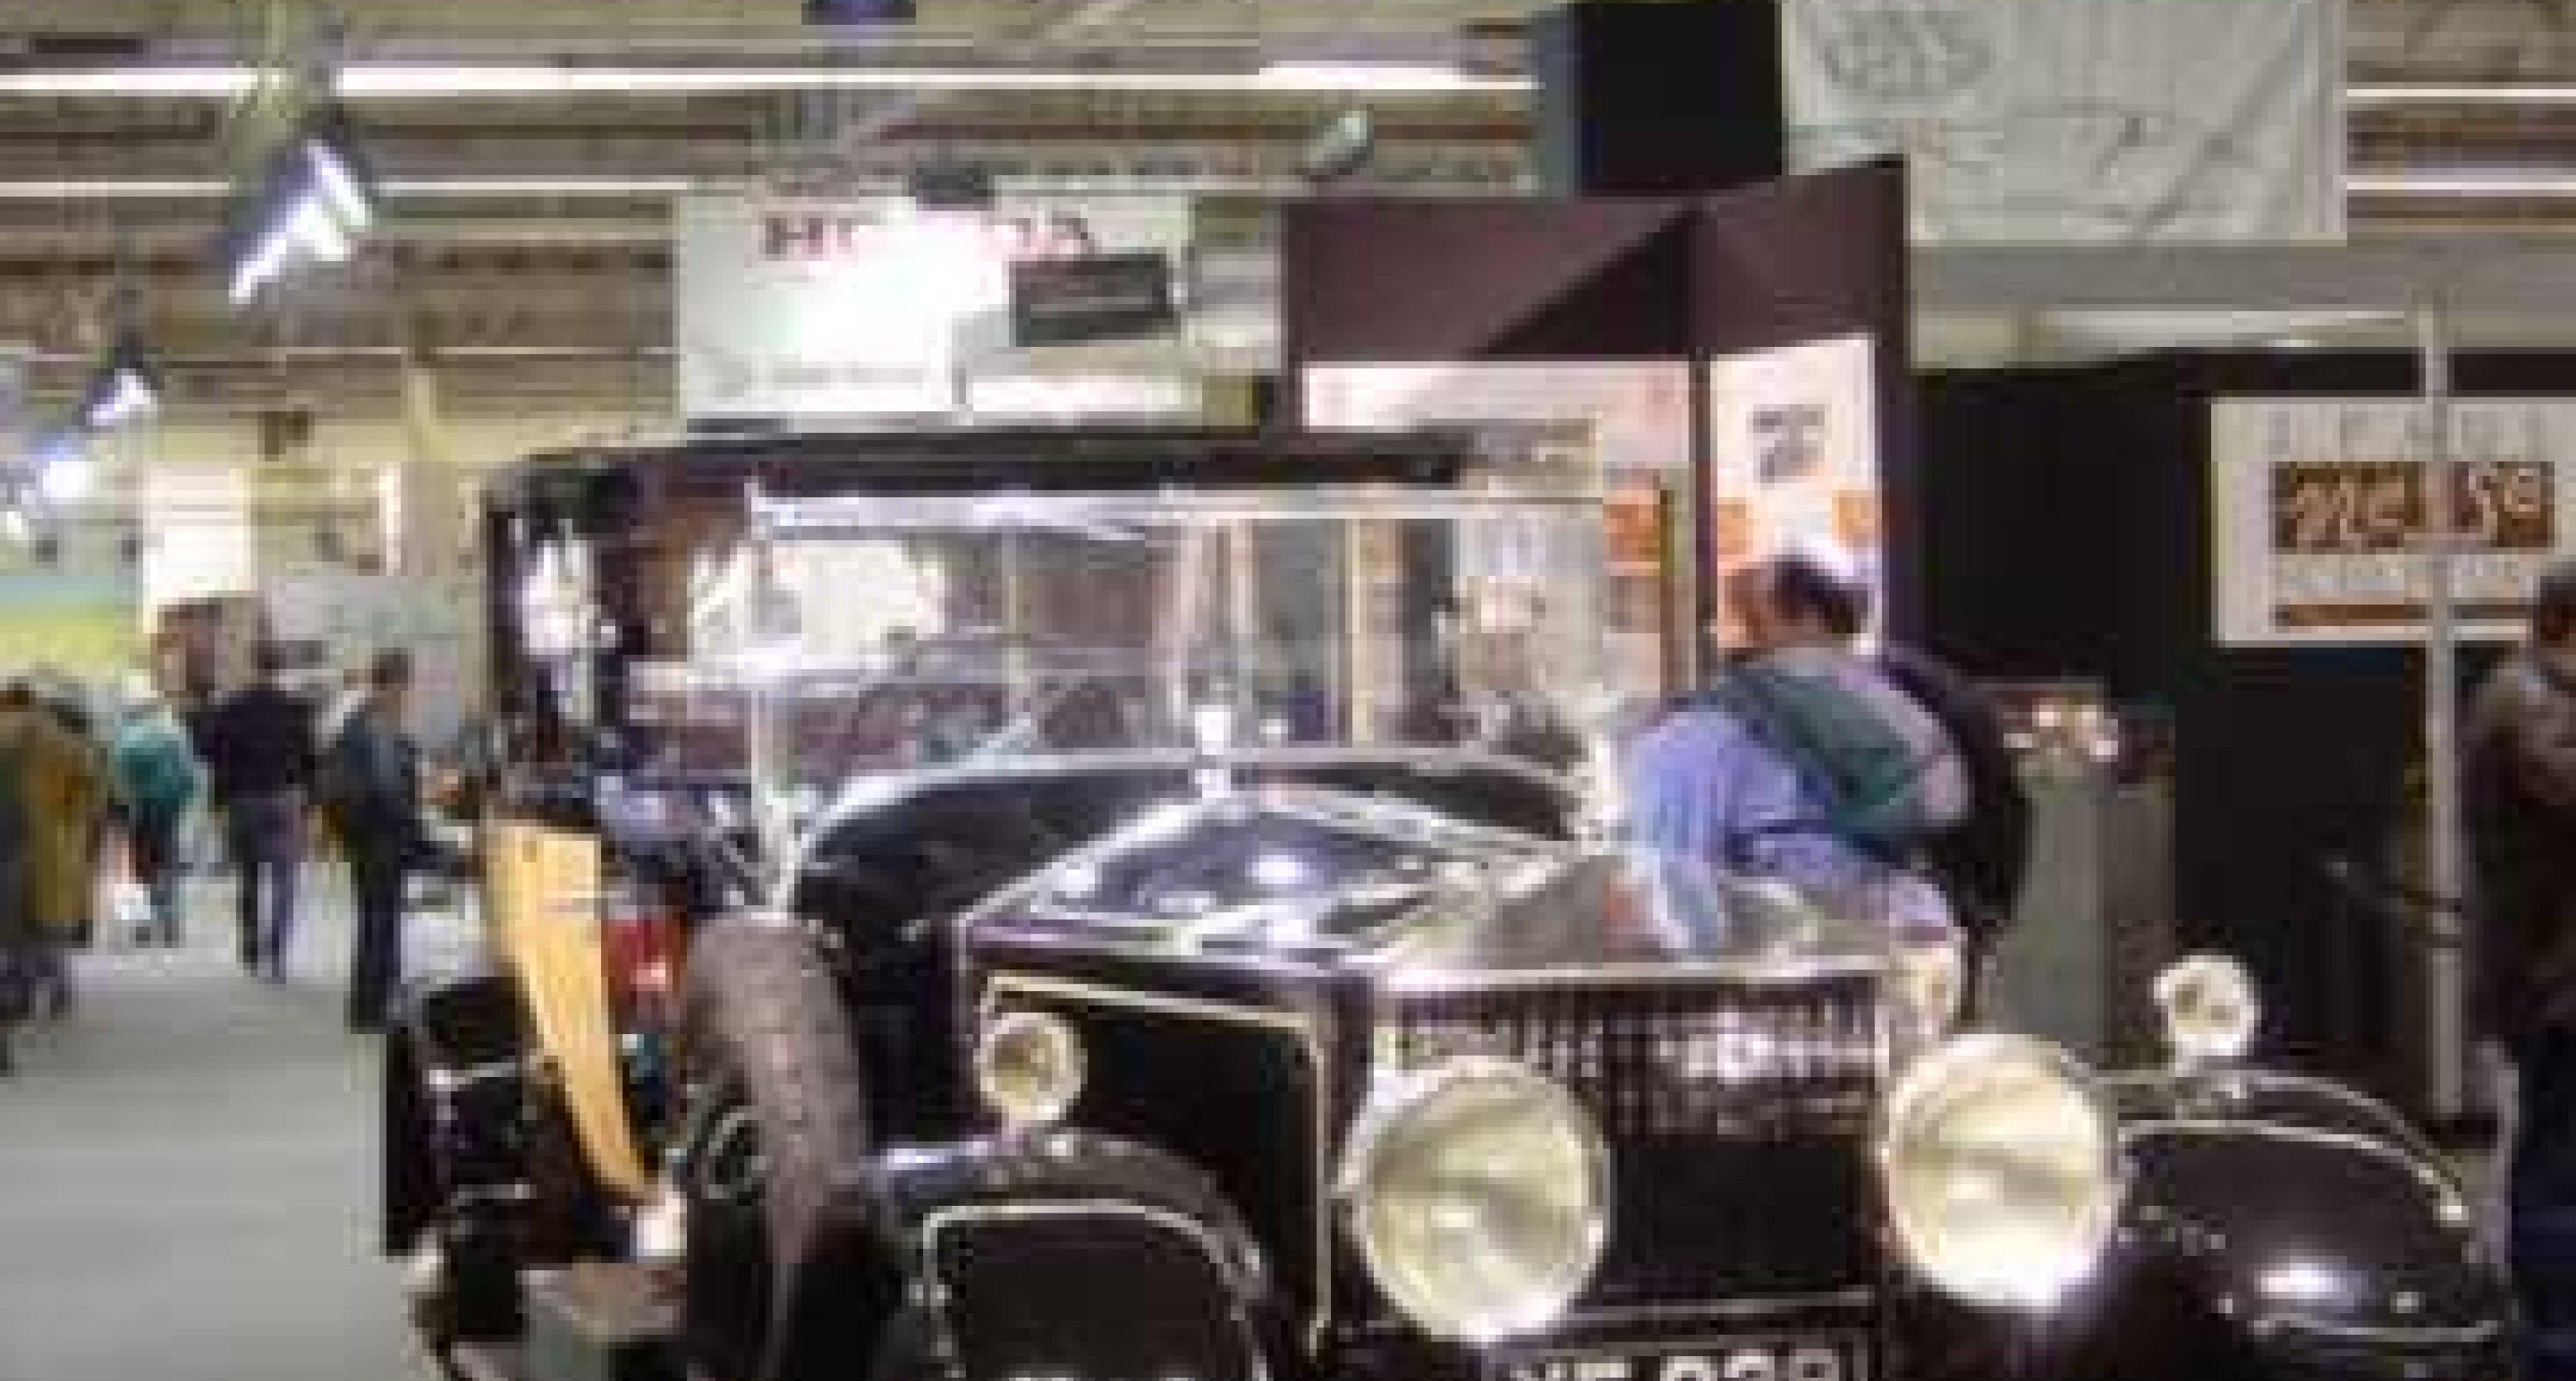 2004 Rétromobile – picture gallery